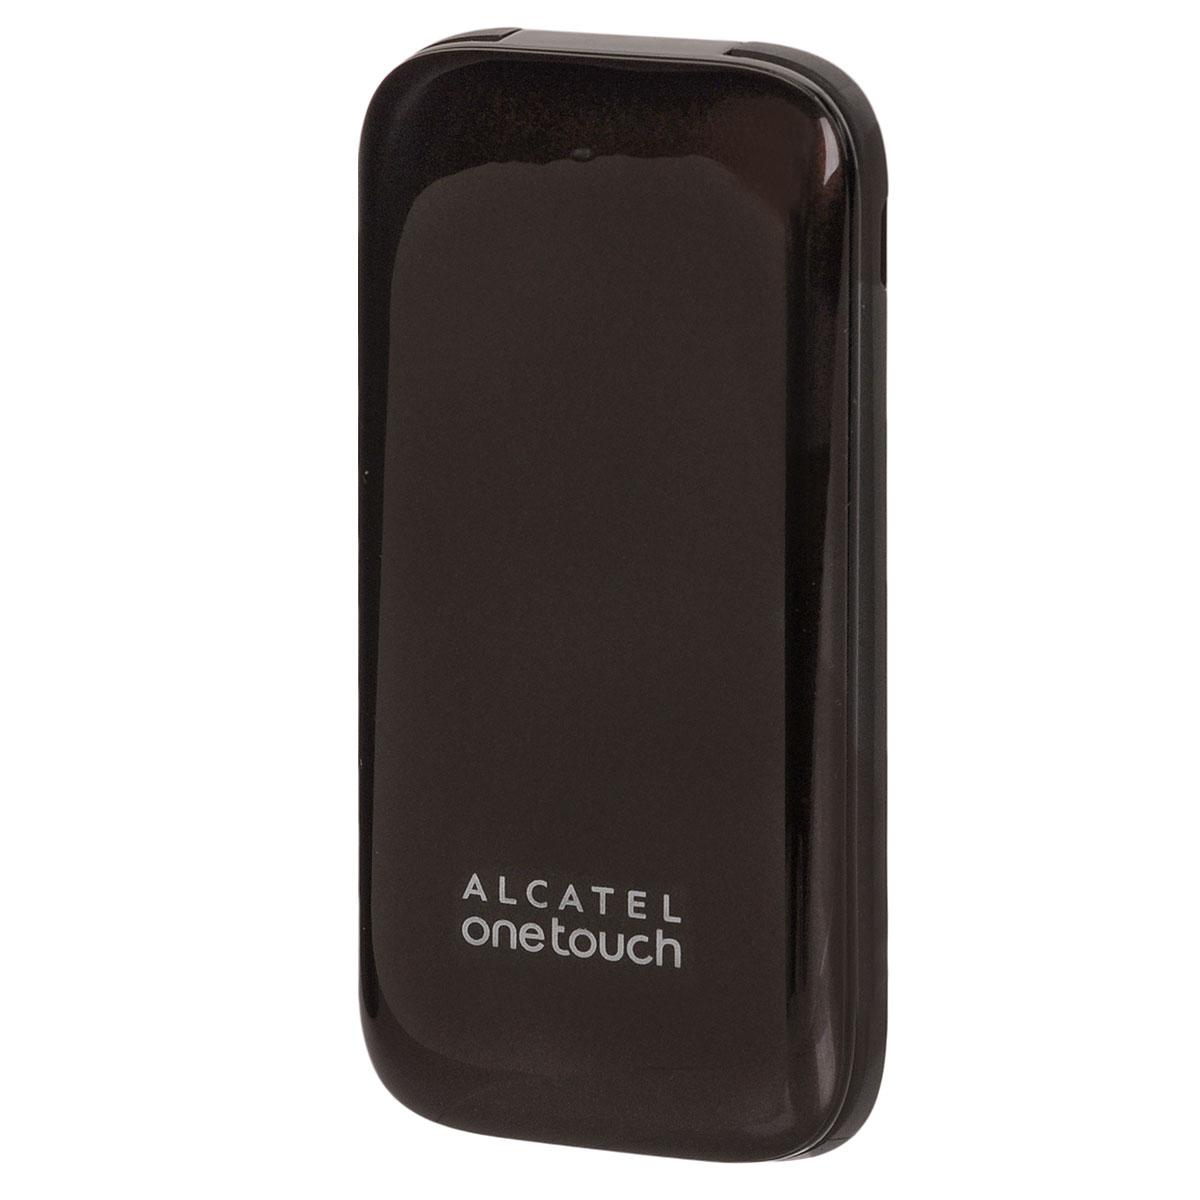 Alcatel OT-1035D Dual Sim, Dark Chocolate1035D-2AALRU1-1Мобильный телефон-раскладушка Alcatel OT-1035D с поддержкой 2 SIM-карт. Модель имеет ЖК-экран с диагональю 1.8 и разрешением 128х160 точек. Телефон оснащен встроенным аудиоплеером и FM радиоприемником с функцией RDS.Встроенная память: 32 МБТелефон сертифицирован Ростест и имеет русифицированную клавиатуру, меню и Руководство пользователя.